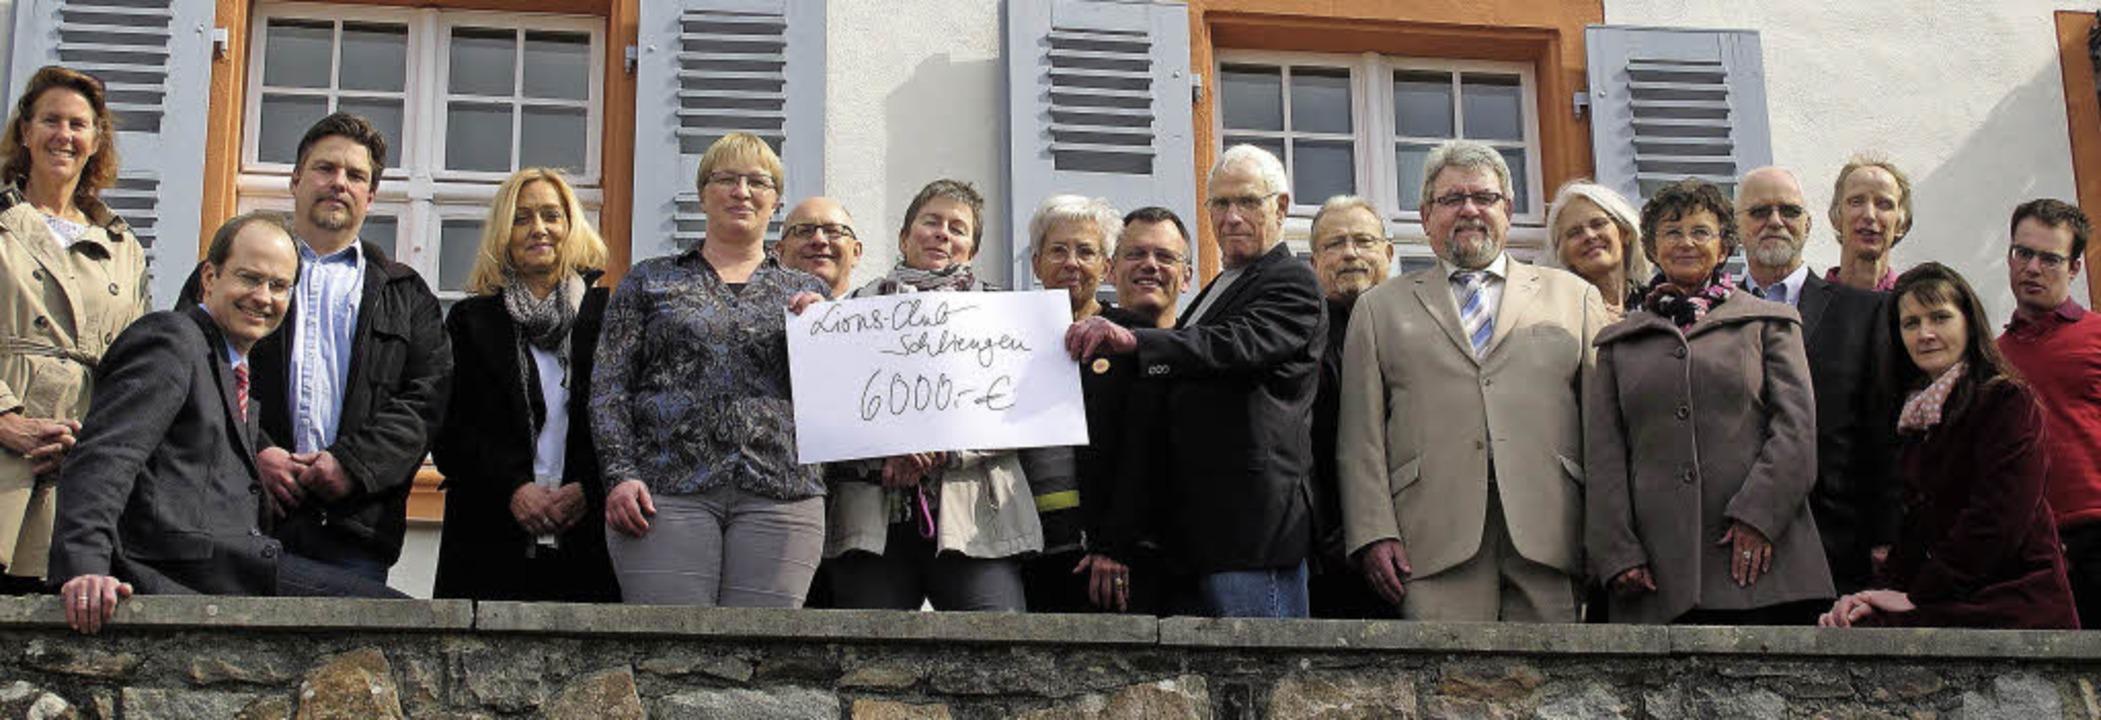 6000 Euro wurden auf Schloss Bürgeln v... verschiedene Institutionen übergeben.  | Foto: Jutta Schütz